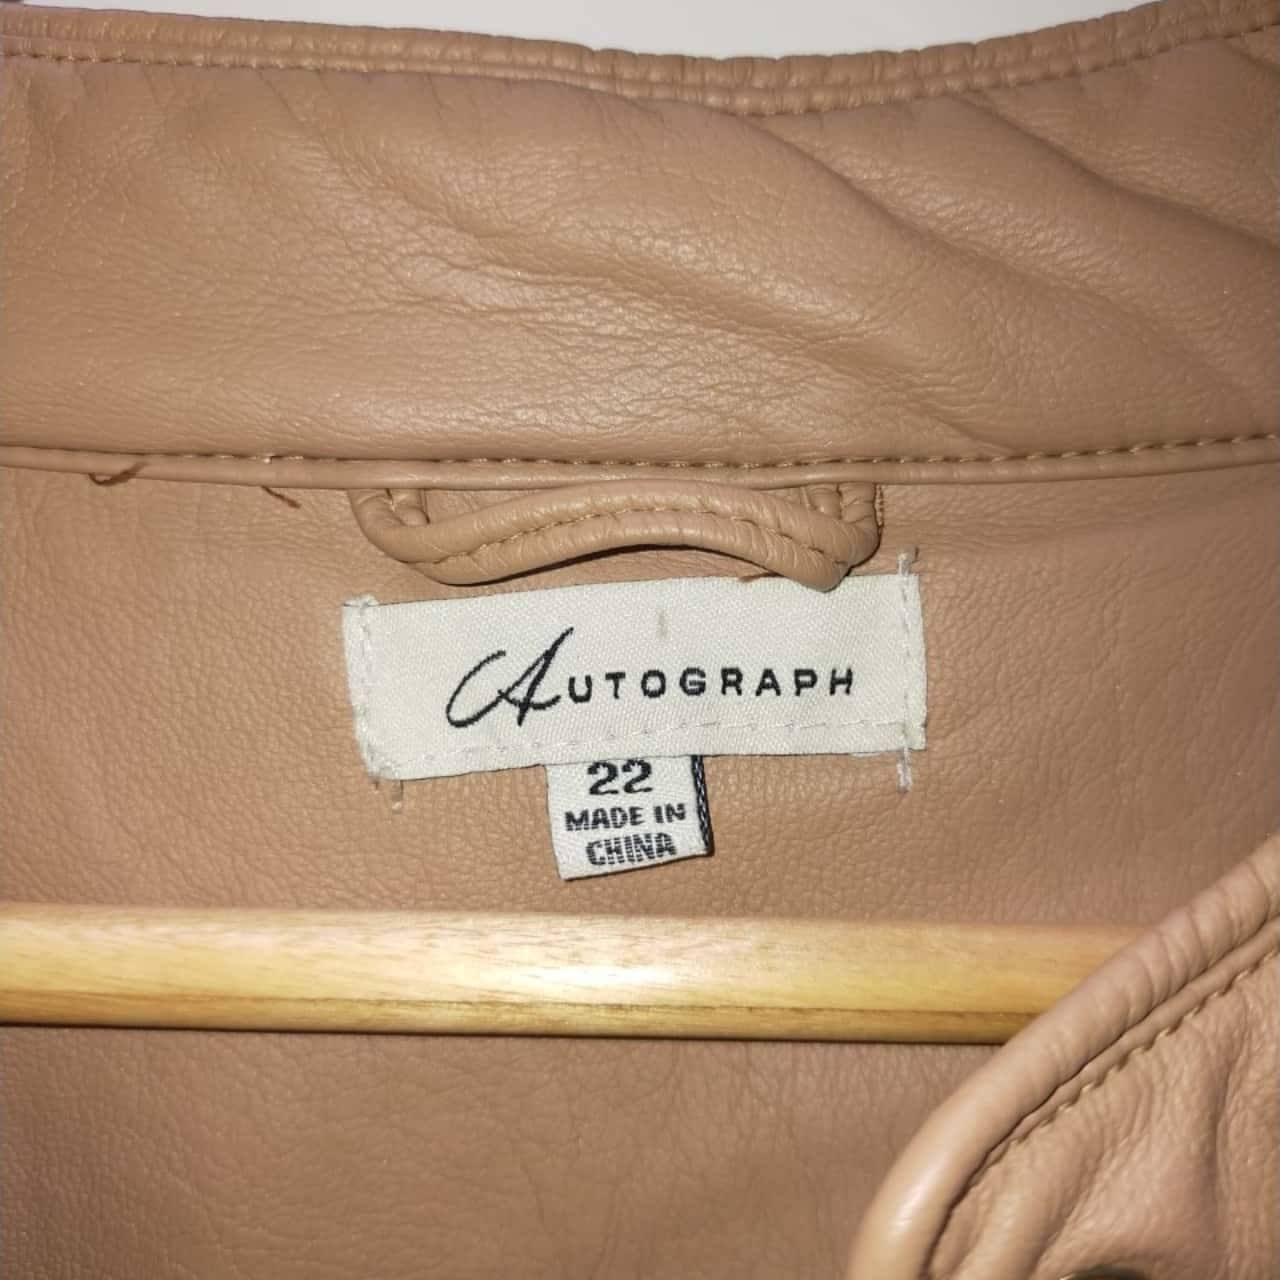 Autograph Womens Faux Leather Size 22 Biker Jacket Brown